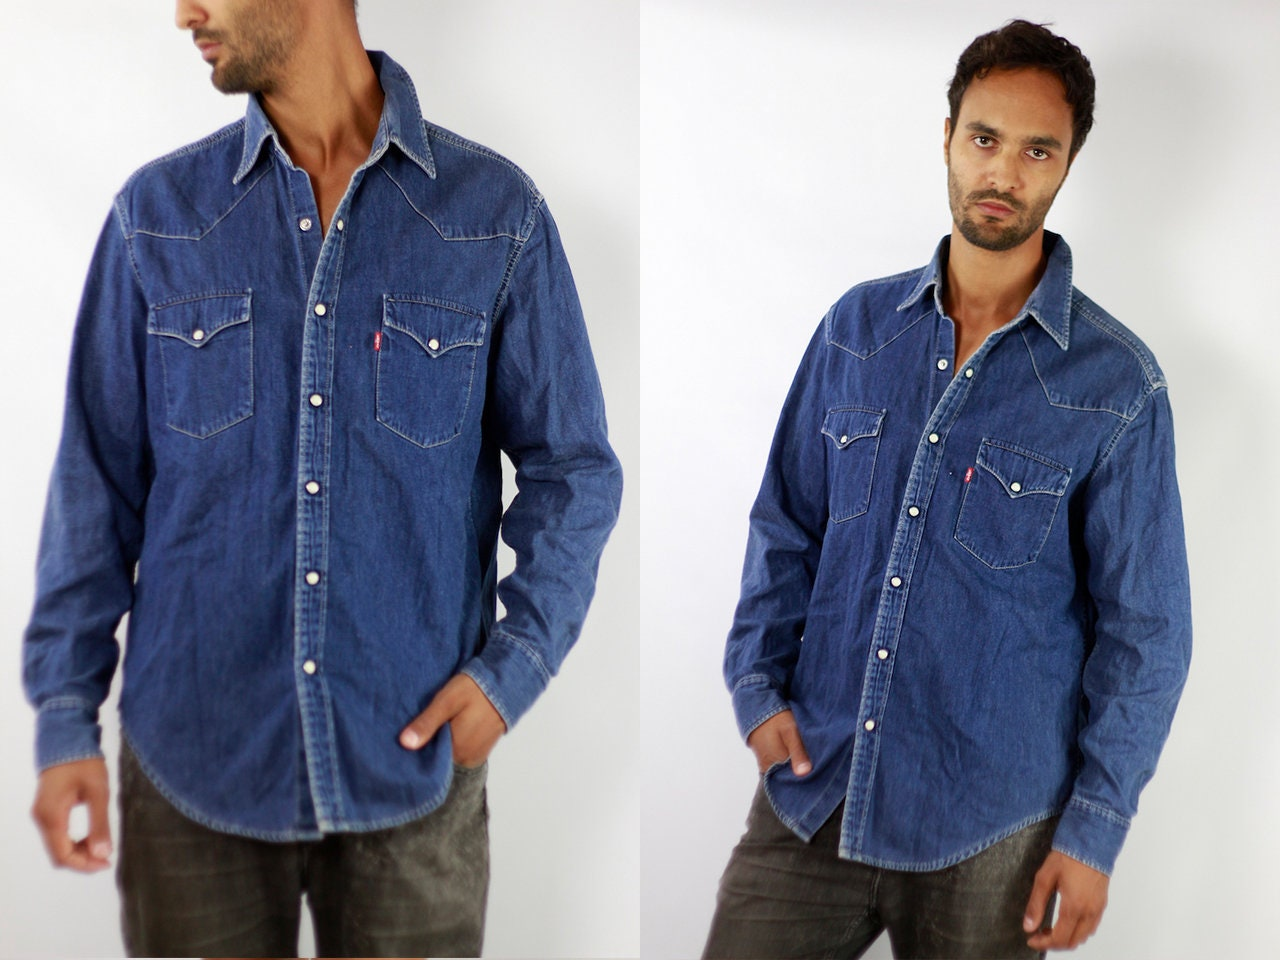 087446af7c1f Levis Dark Blue Denim Shirt – DACC